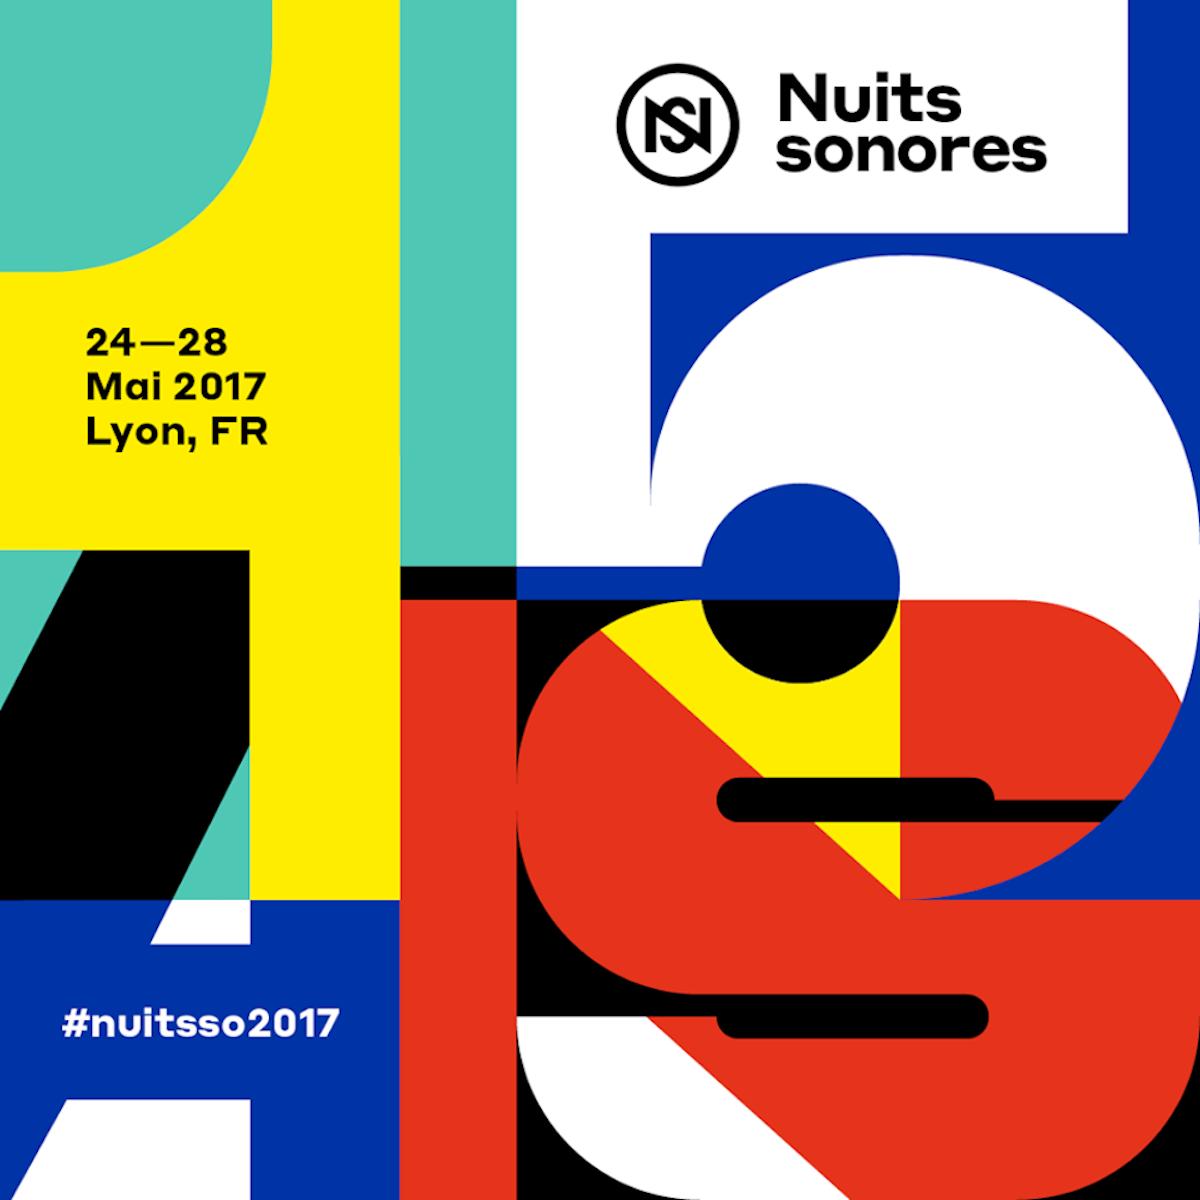 nuits-sonores-2017-notre-selection-de-concerts-et-devenements